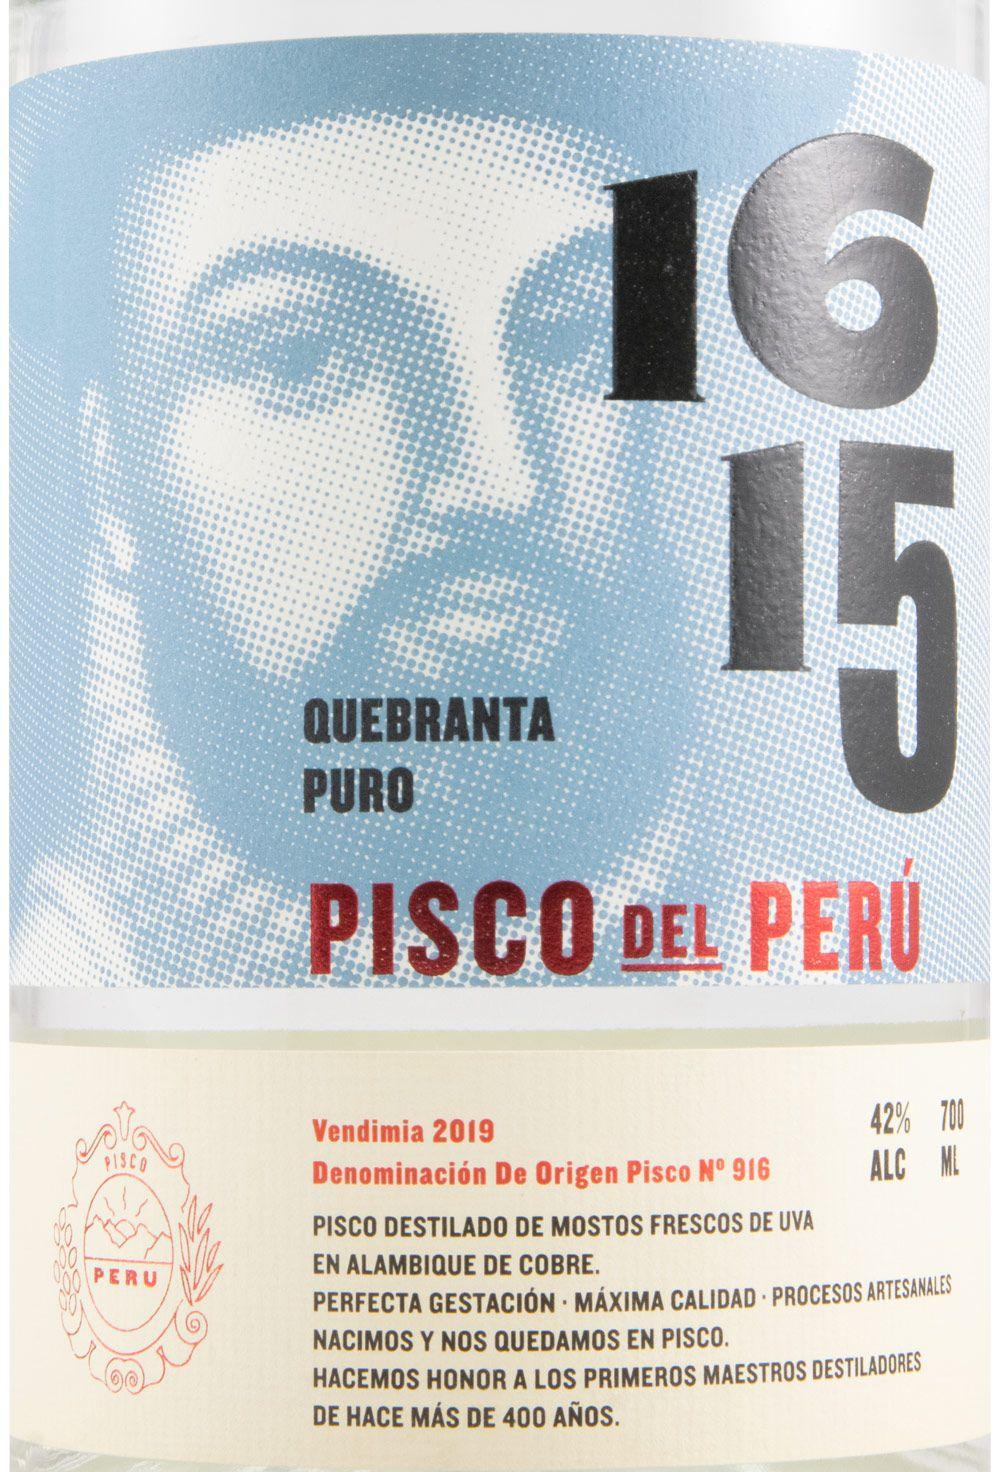 Spirit Pisco 1615 Puro Quebranta